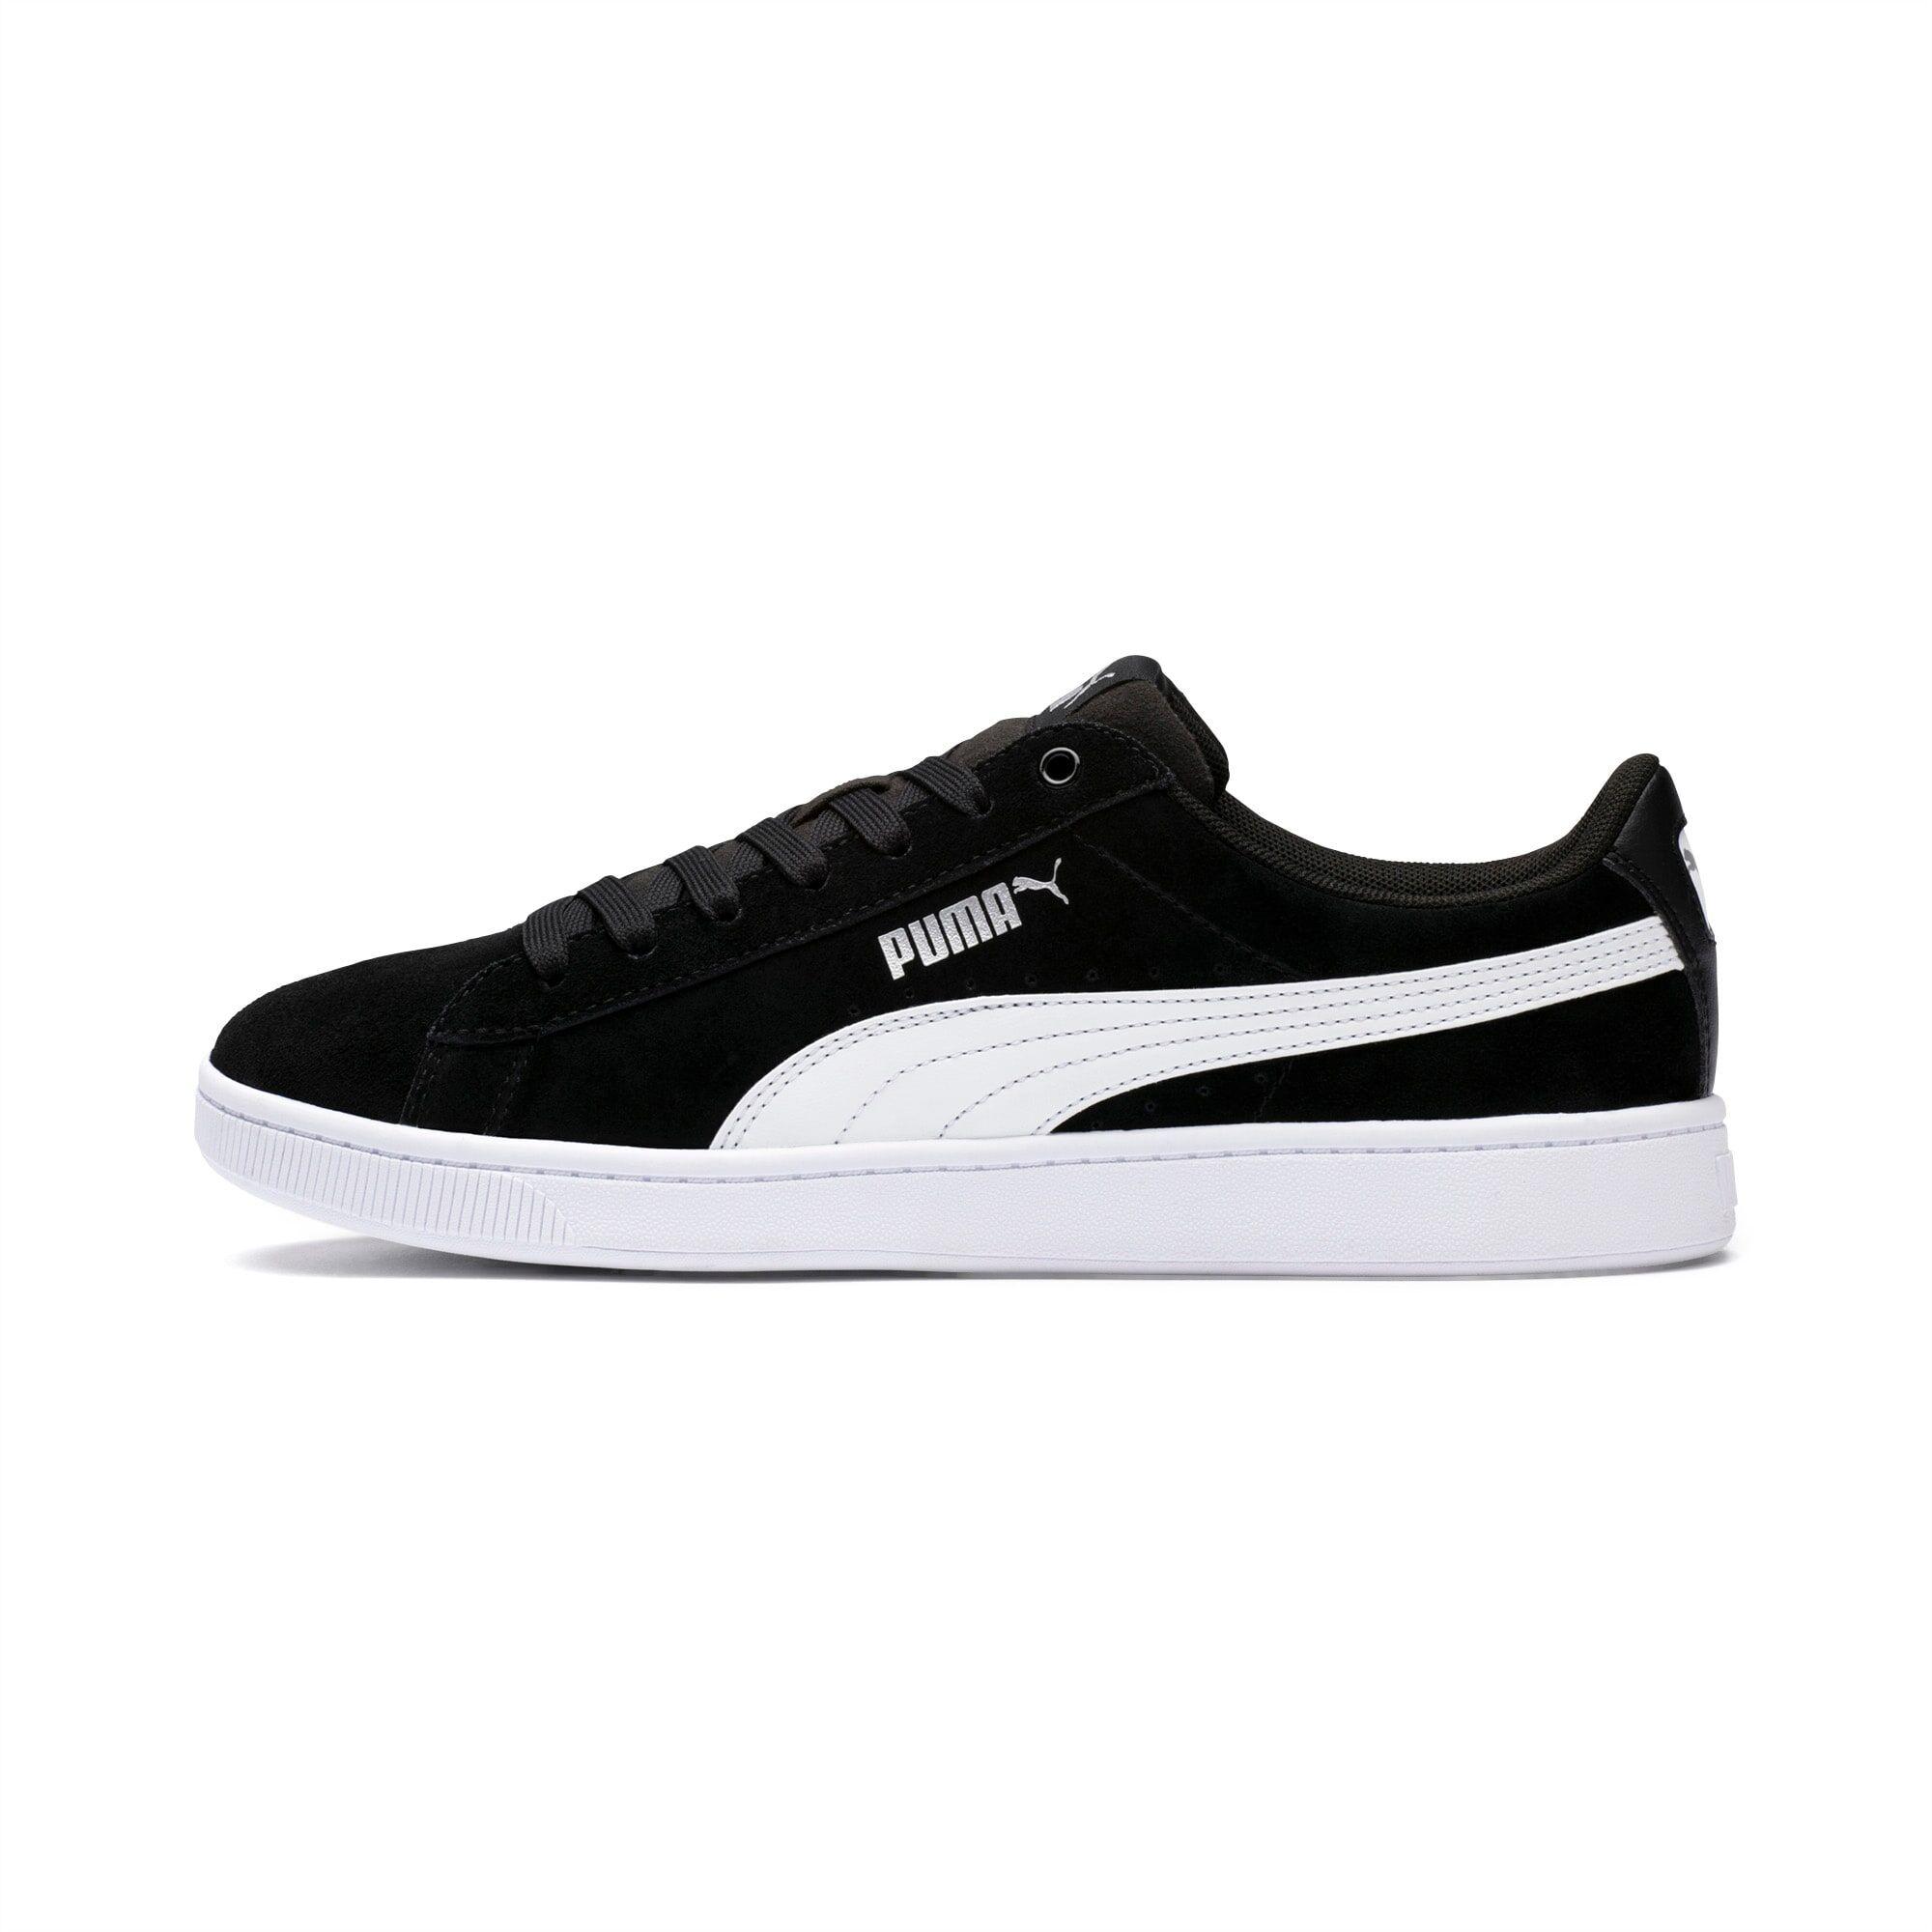 PUMA Chaussure Basket Vikky v2 pour Femme, Noir/Blanc/Argent, Taille 40, Chaussures